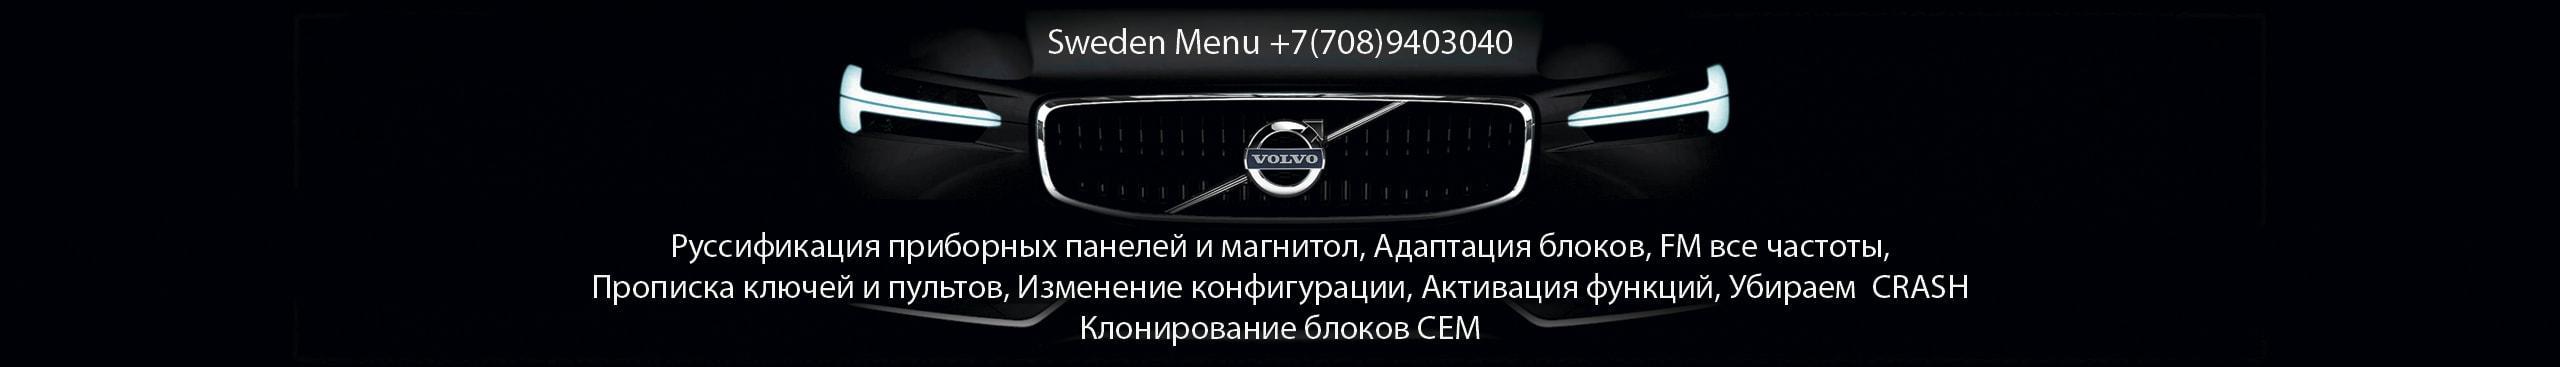 Прописка, адаптация, синхронизация, русификация VOLVO (электронные блоки)